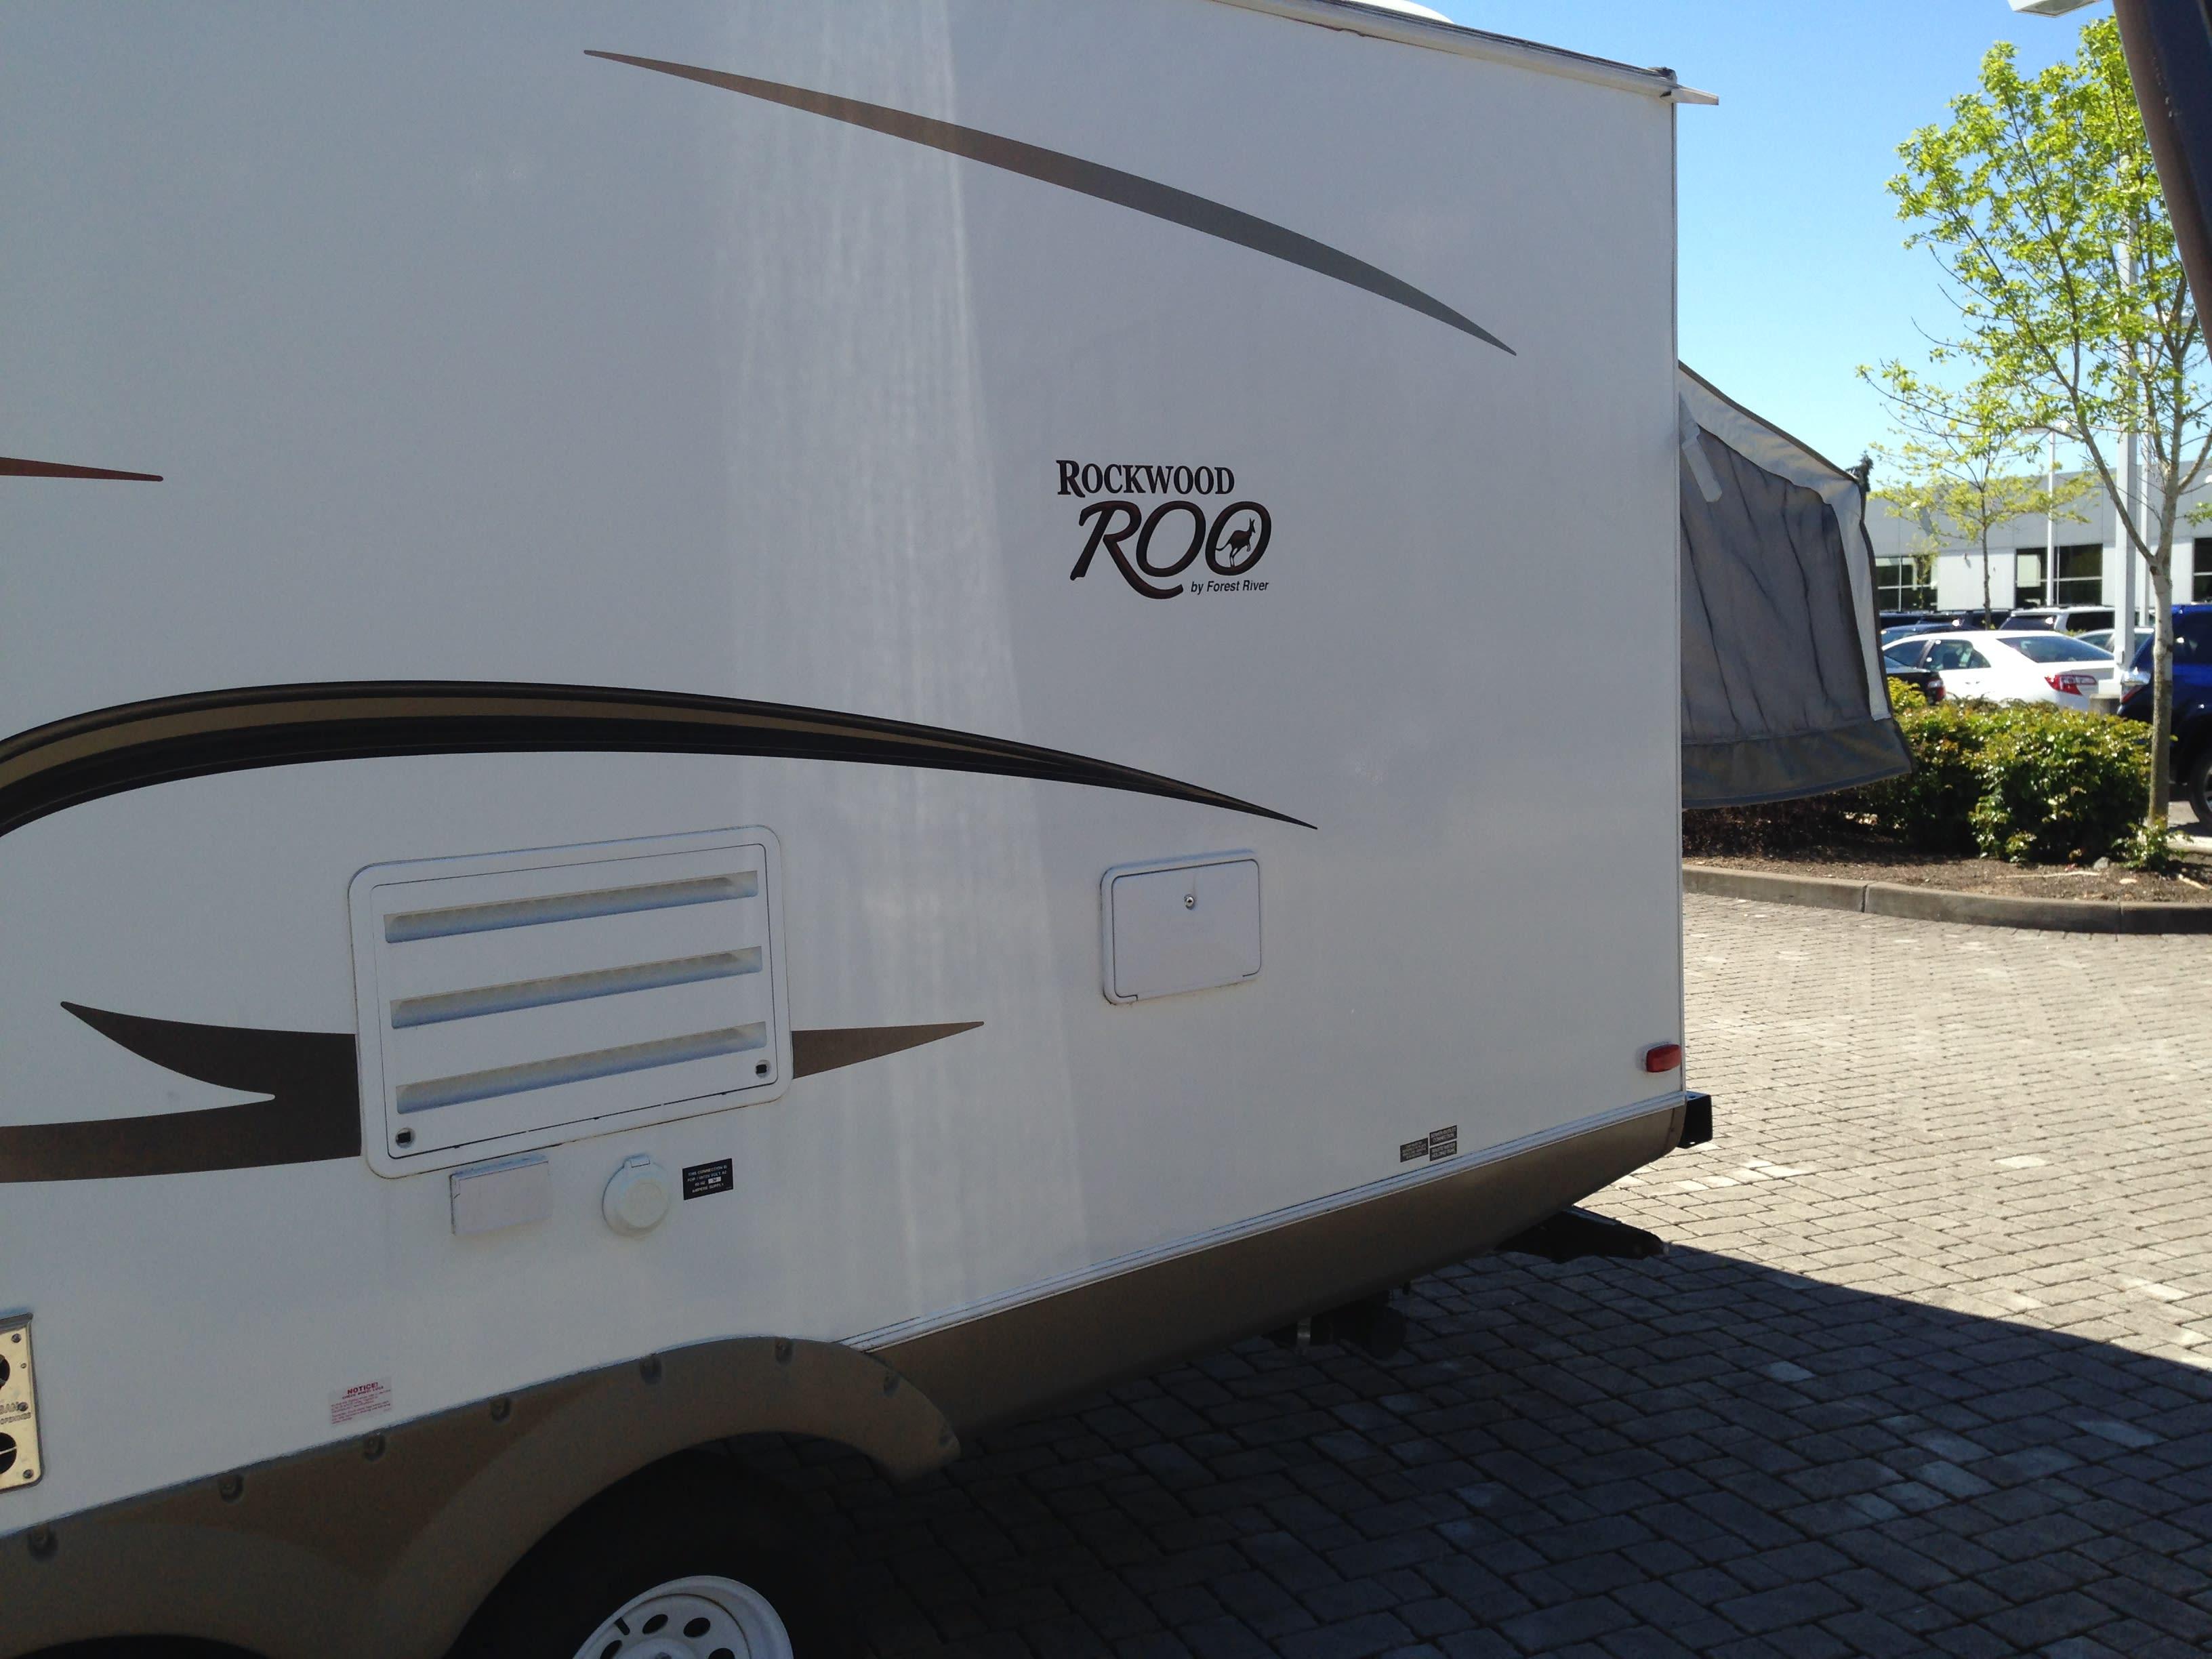 Rockwood Roo 19L 2011